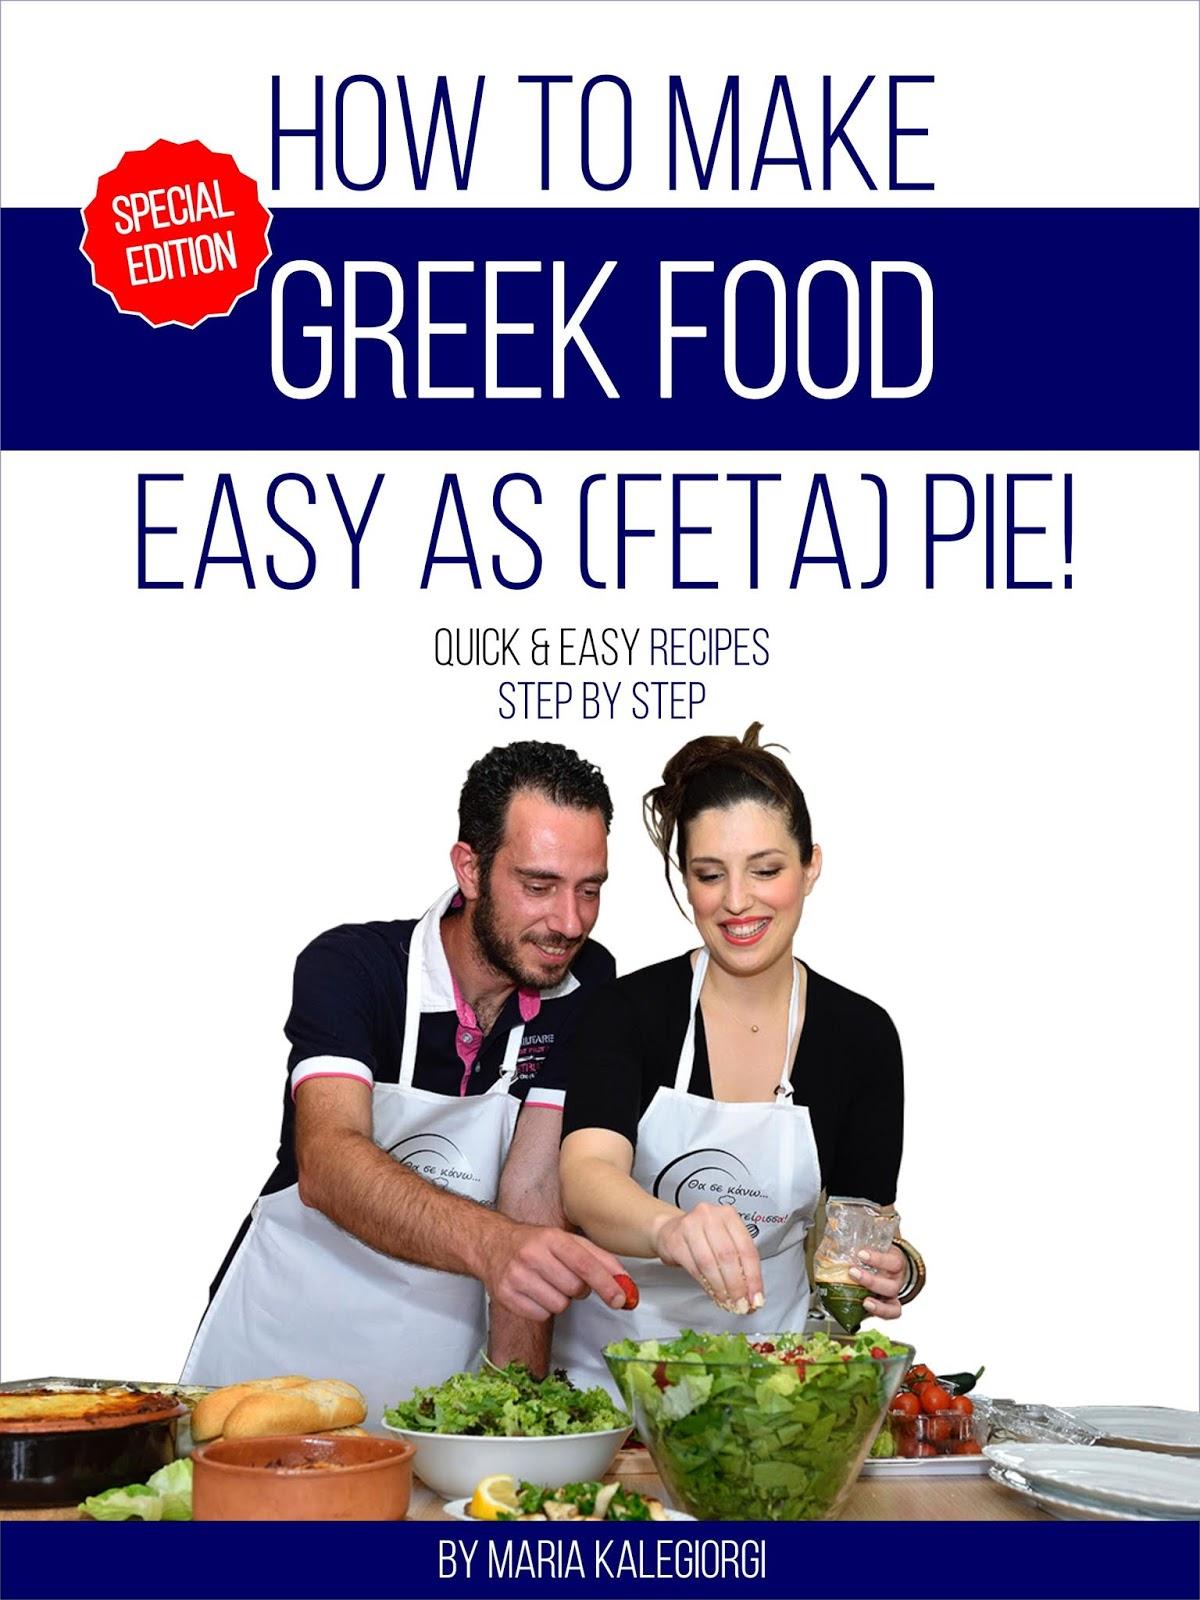 Αγόρασέ το! Το πρώτο μου ηλεκτρονικό βιβλίο στην Amazon! How to make greek food easy as (feta) pie!